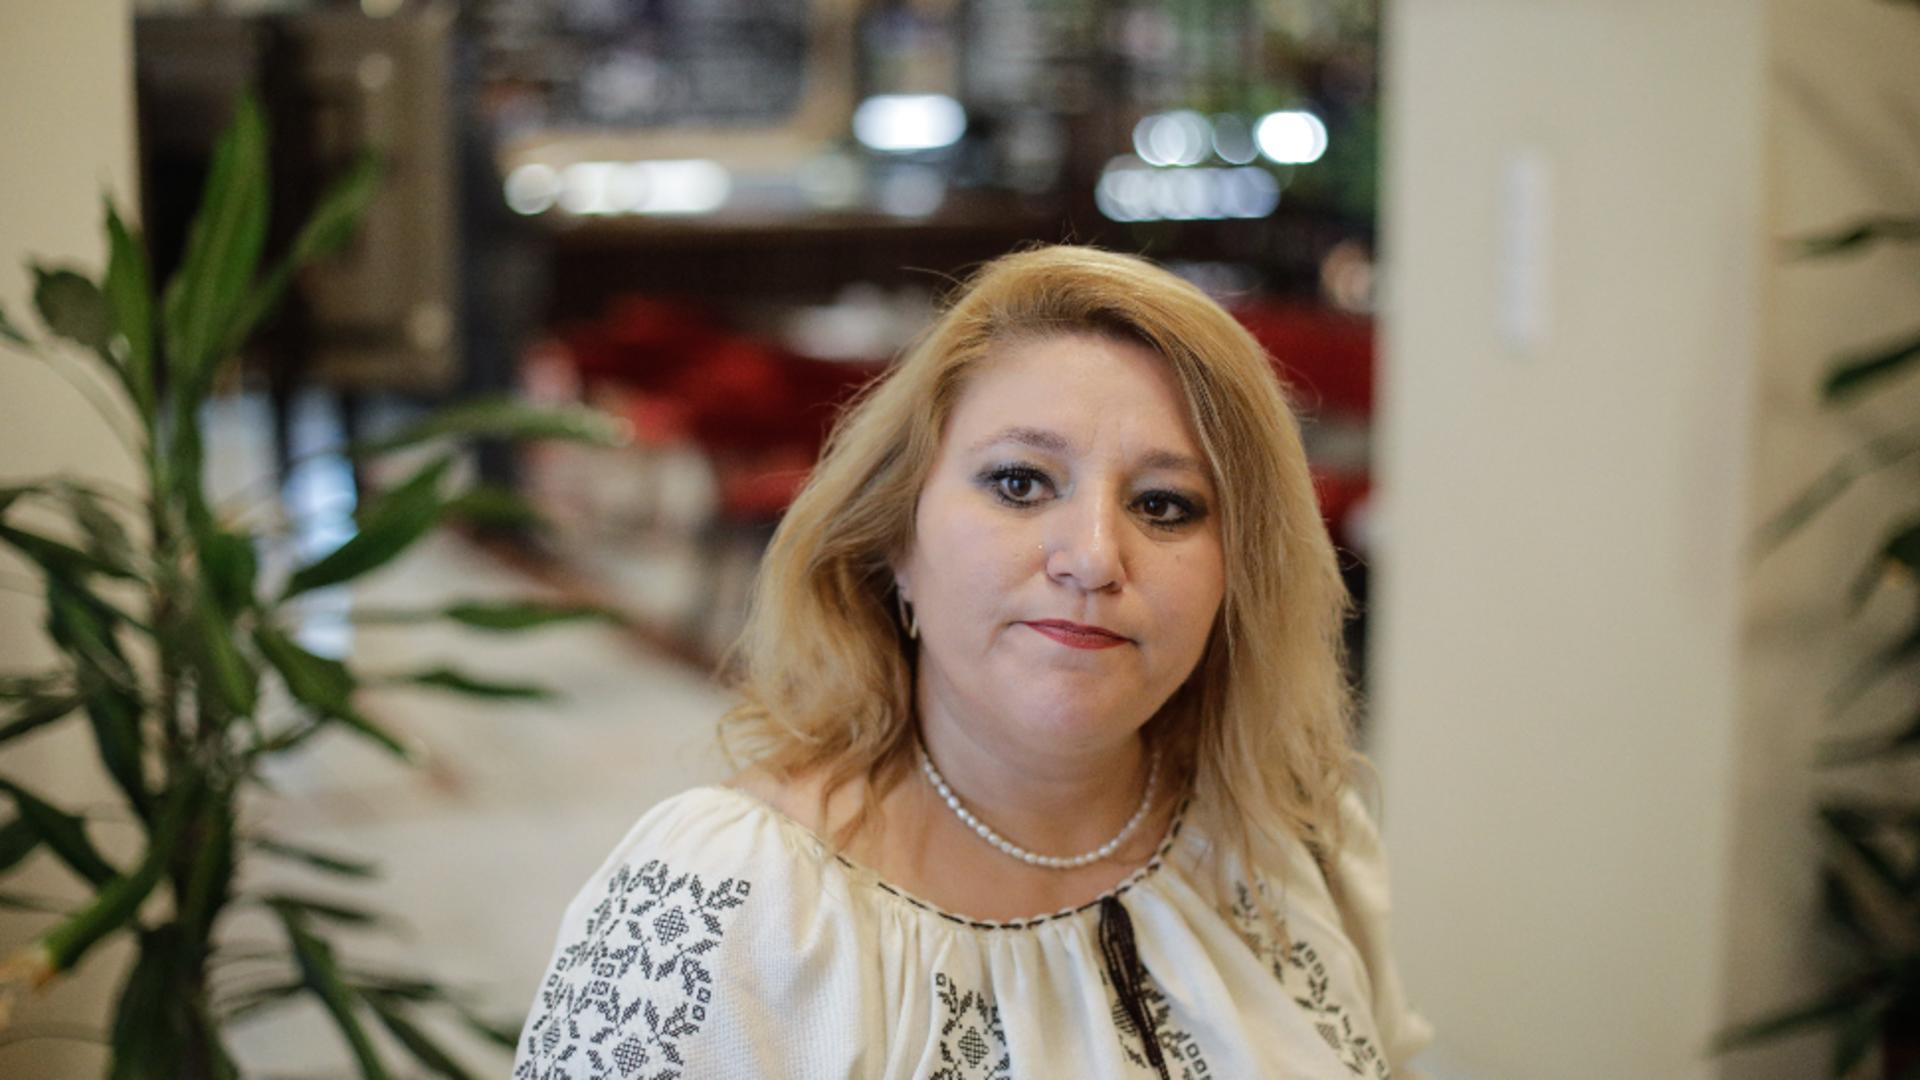 Diana Șoșoacă, senator afiliat Foto: INQUAM/George Călin